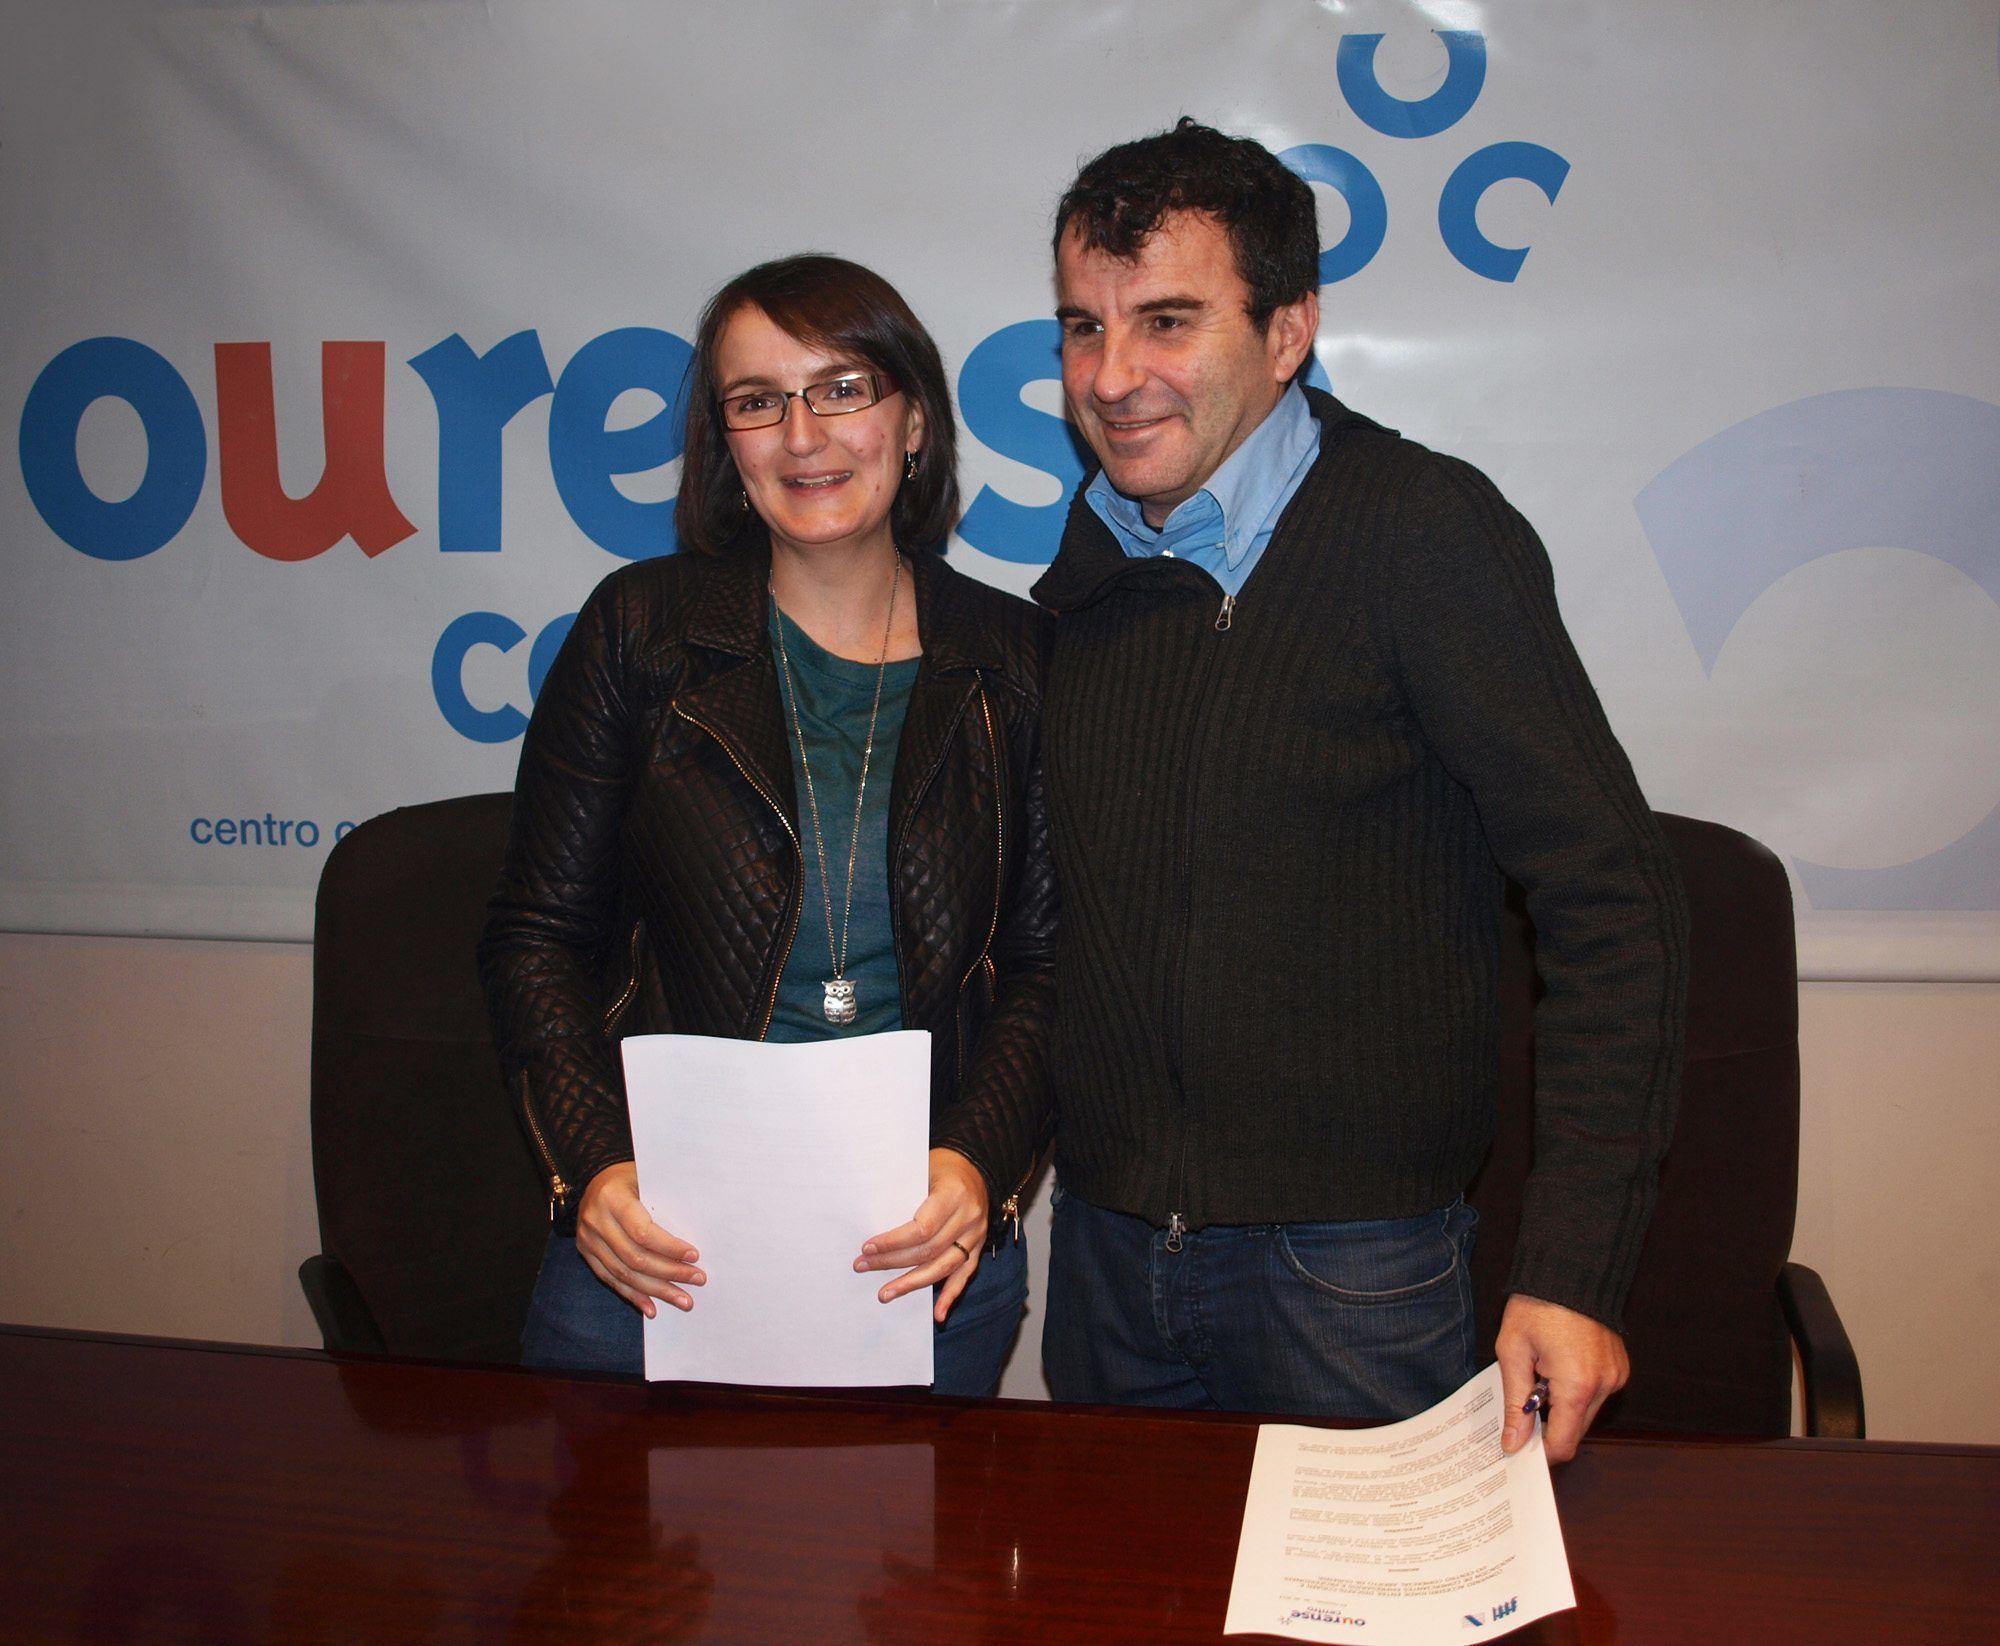 Convenio de colaboración entre CCA Ourense Centro e Discafis-COGAMI